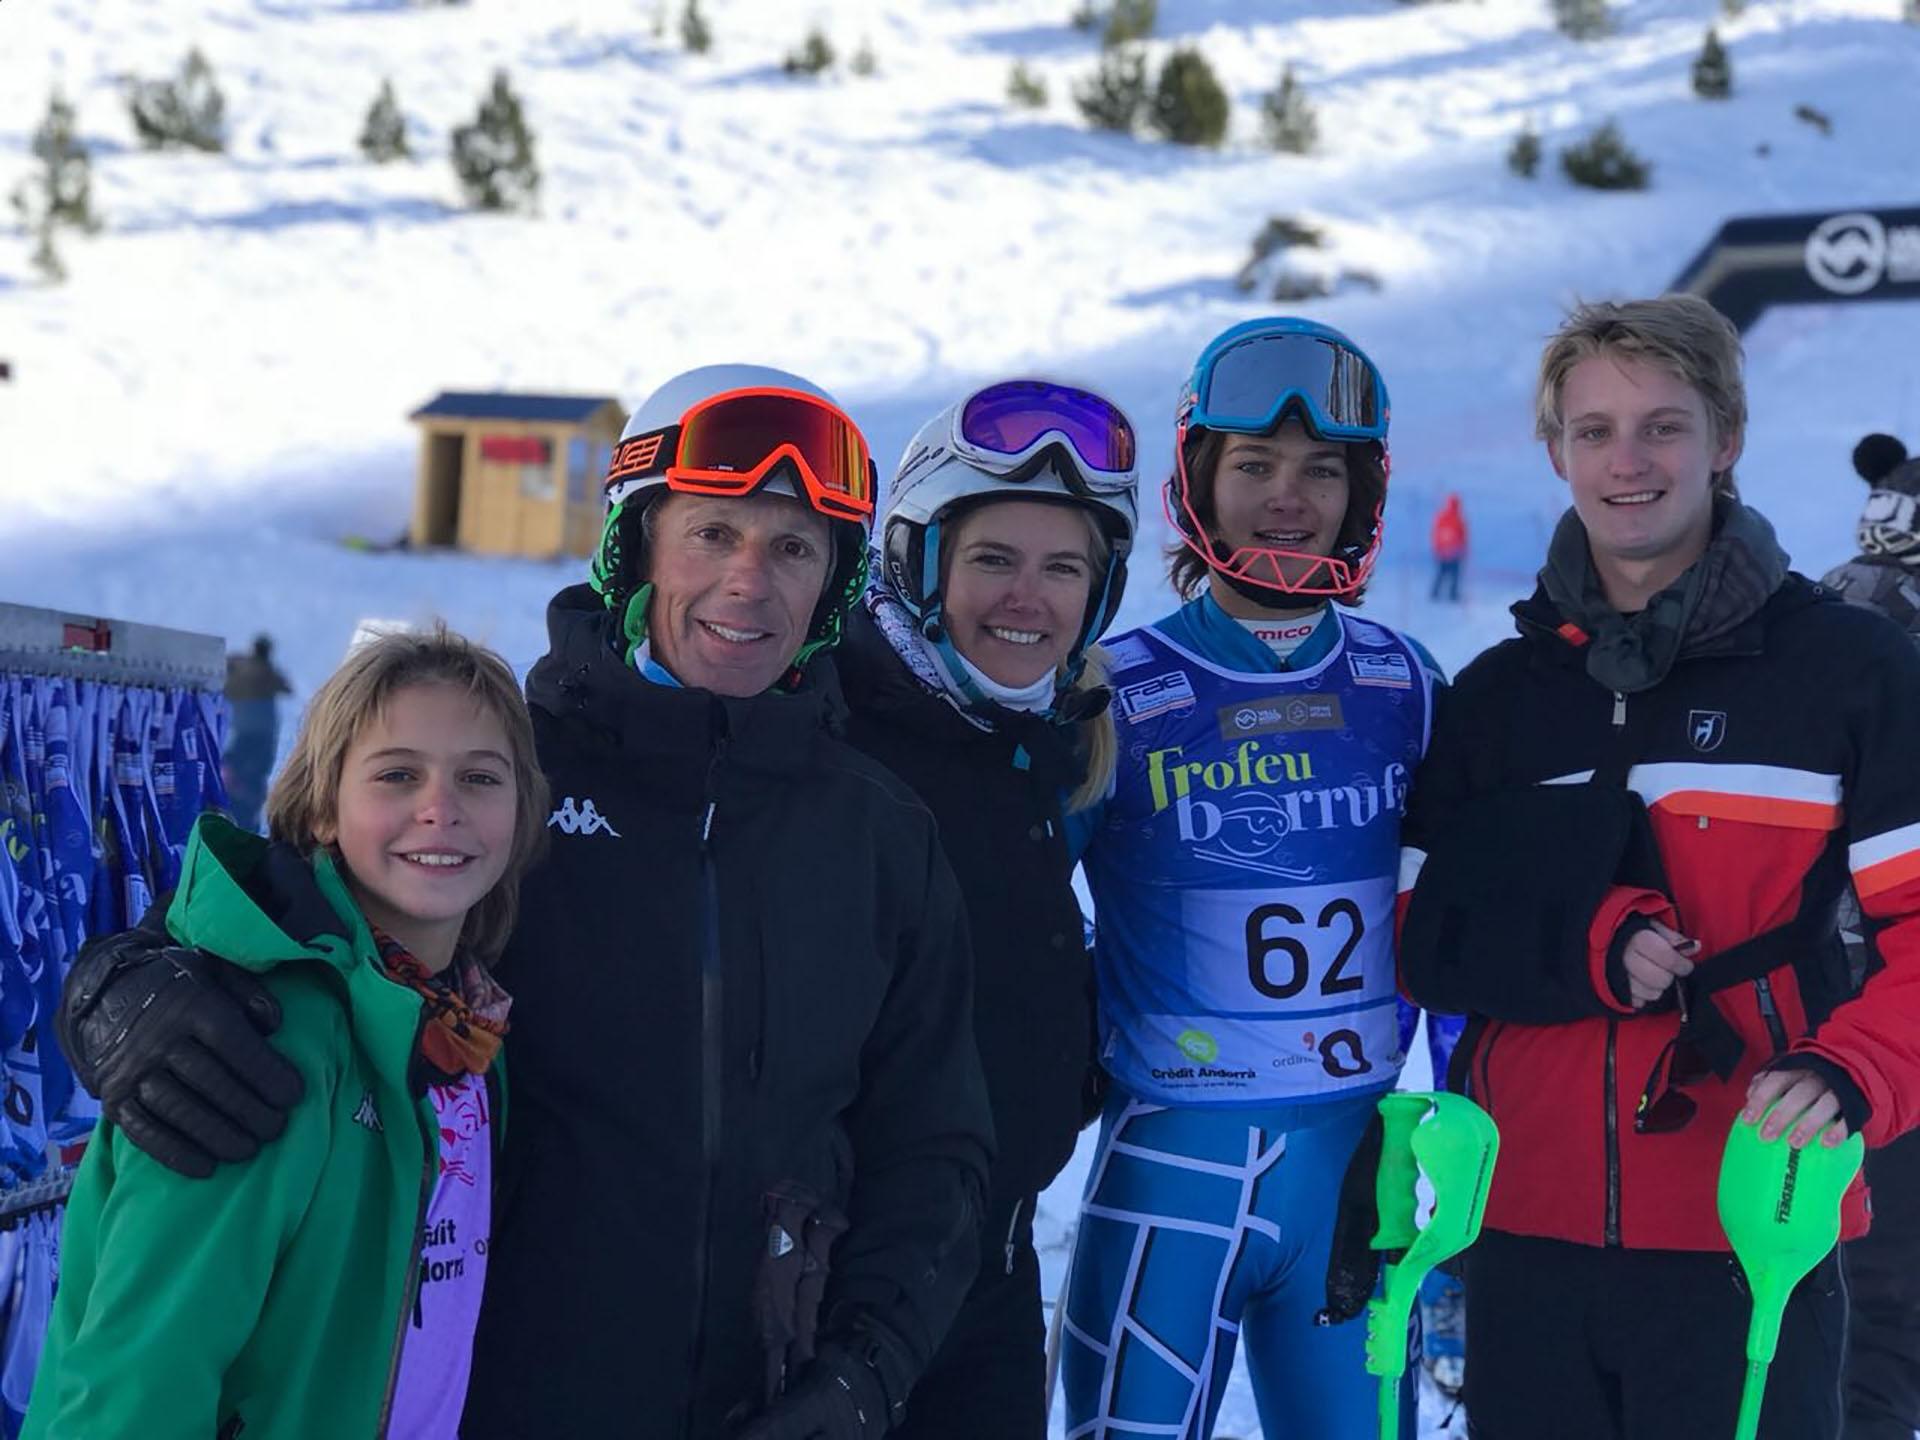 El orgullo de Valeria Mazza y Alejandro Gravier junto a Tiziano, Taina y Balthazar, otro gran campeón que sigue cosechando títulos en el esquí internacional